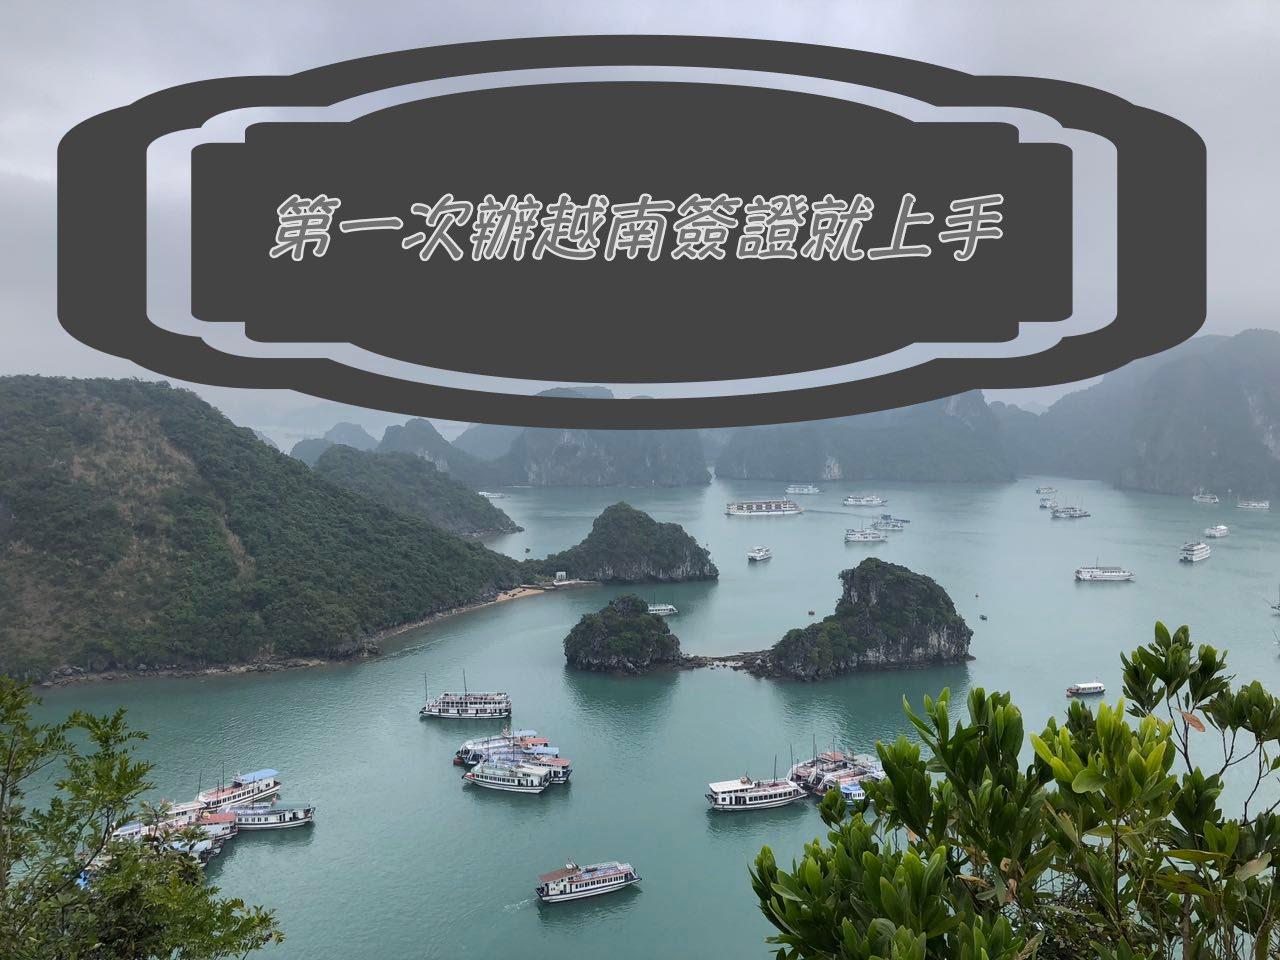 越南簽證|親自辦理越南簽證(另紙簽證),方便快速(含教學、詳解、攻略)